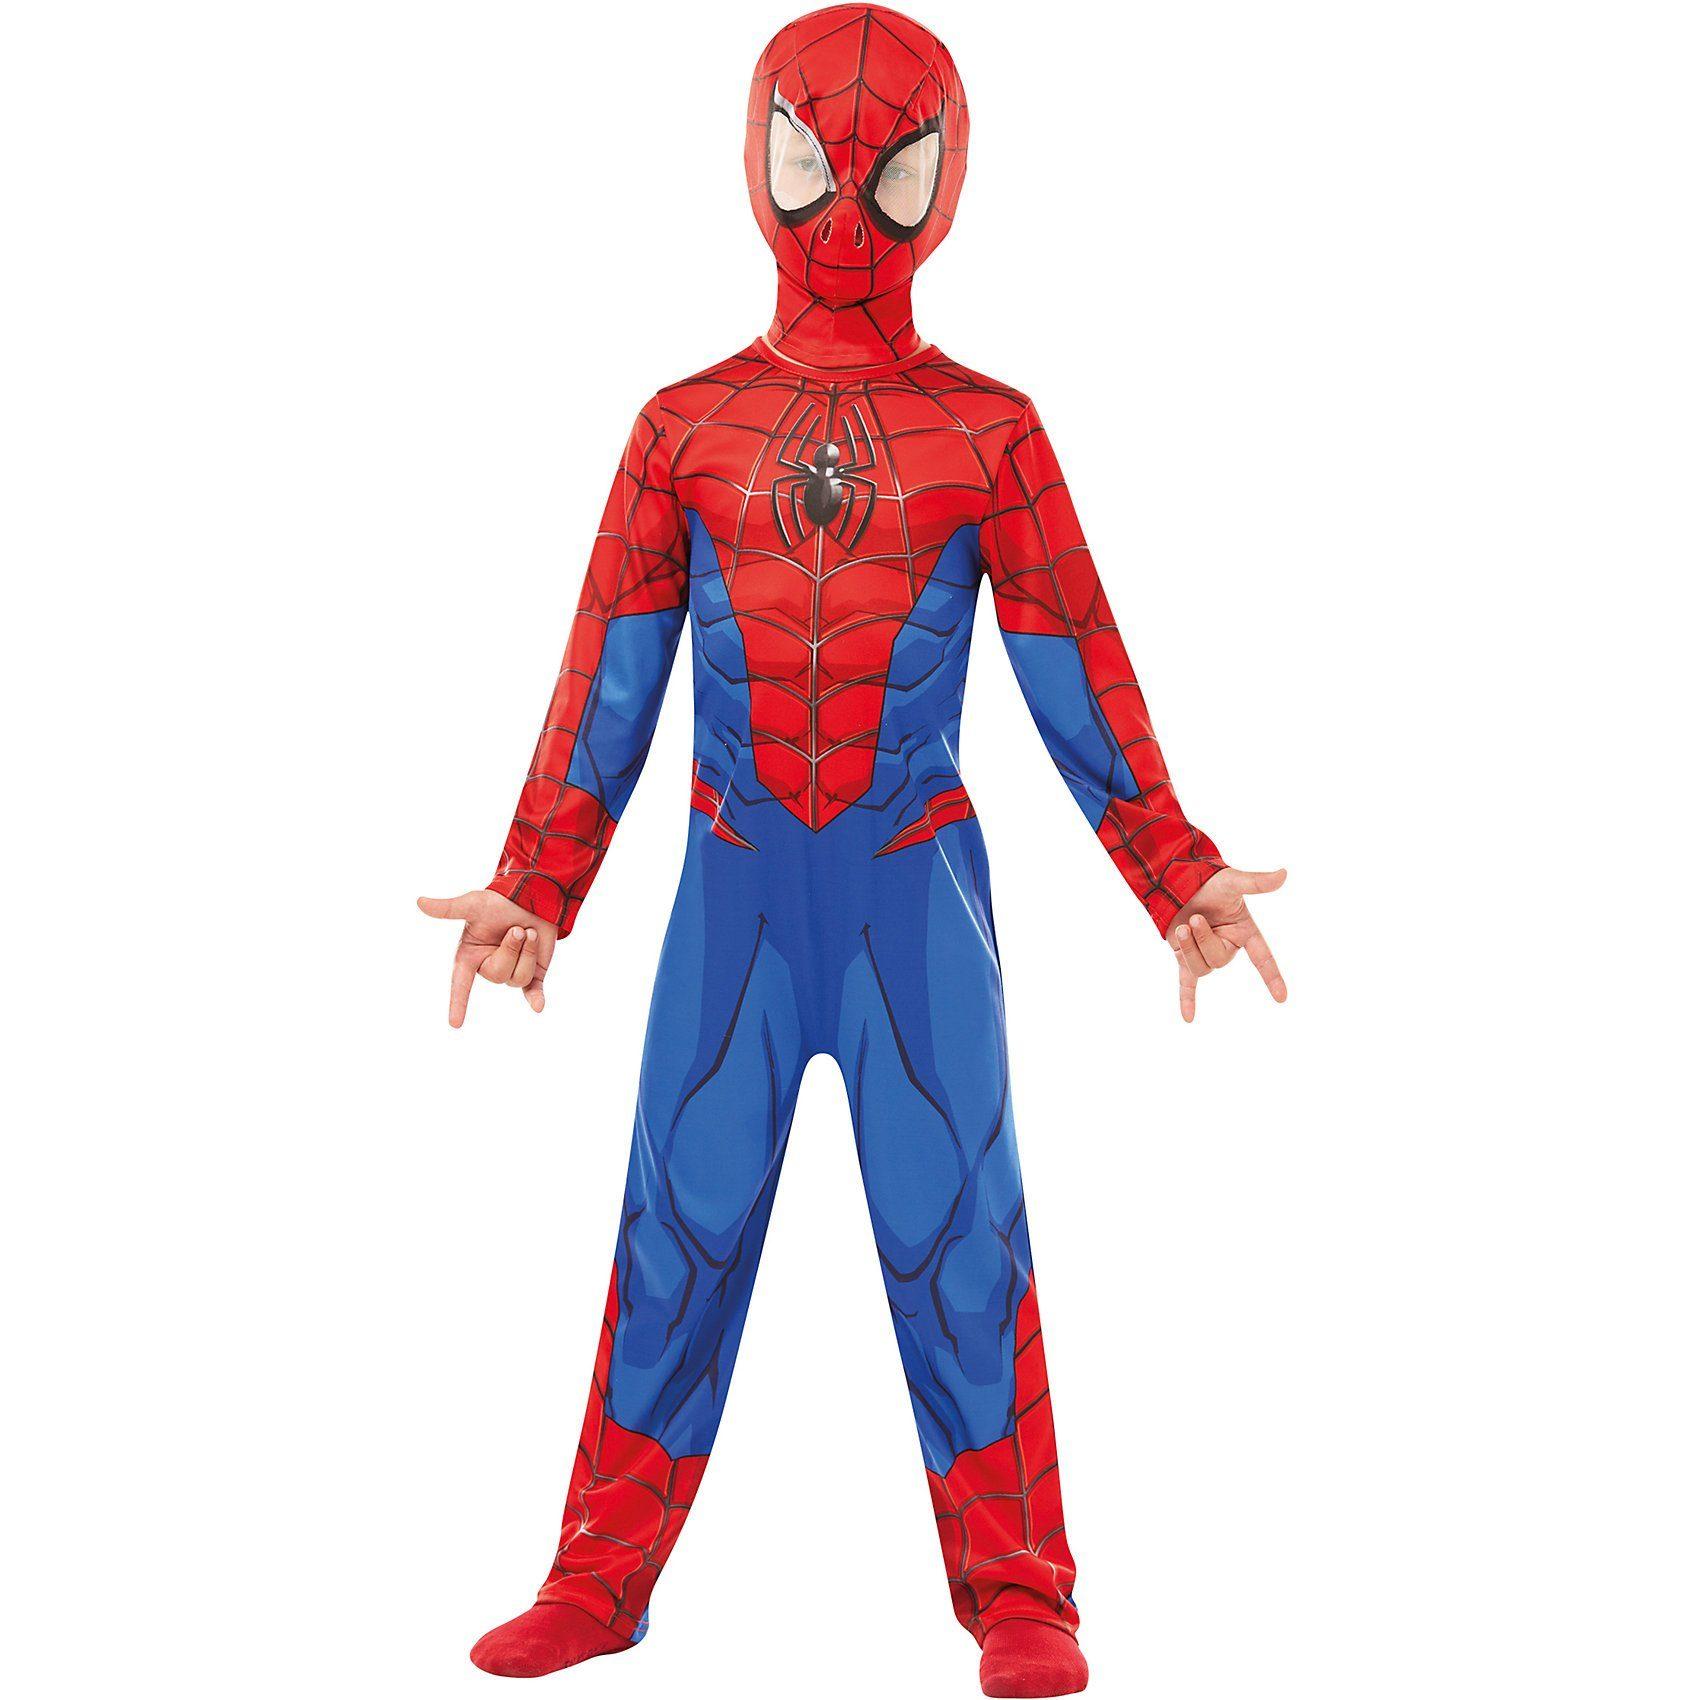 Spielzeug Injusa Motor Spider Man Schieber Bobby Car